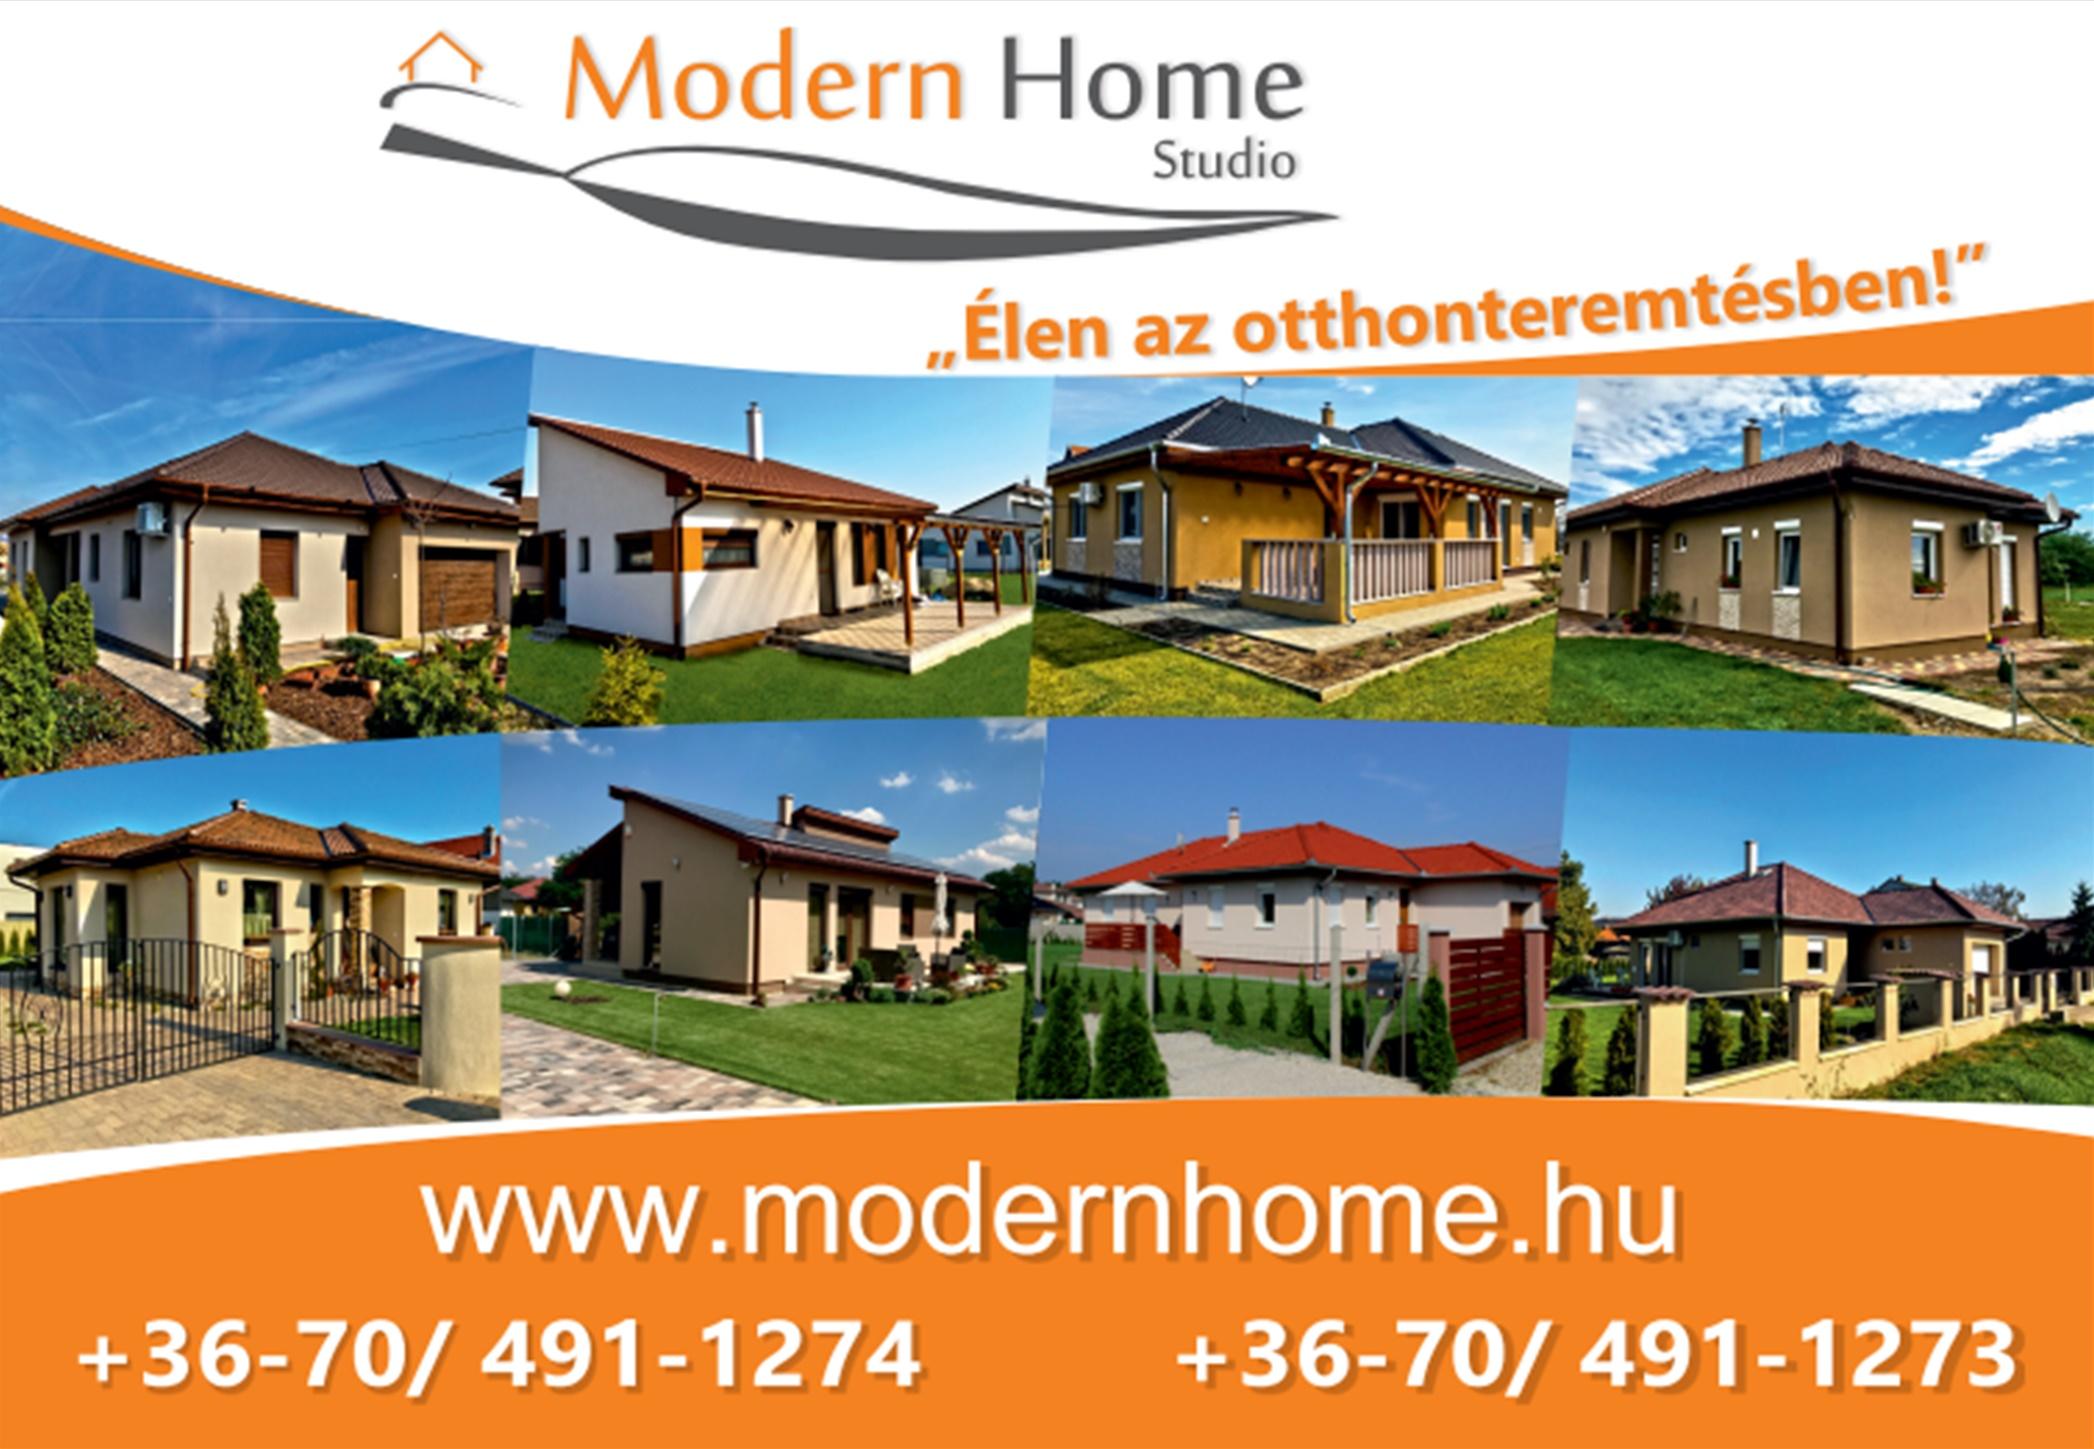 CEGLÉDINFO – MODERN HOME – ÉLEN AZ OTTHONTEREMTÉSBEN